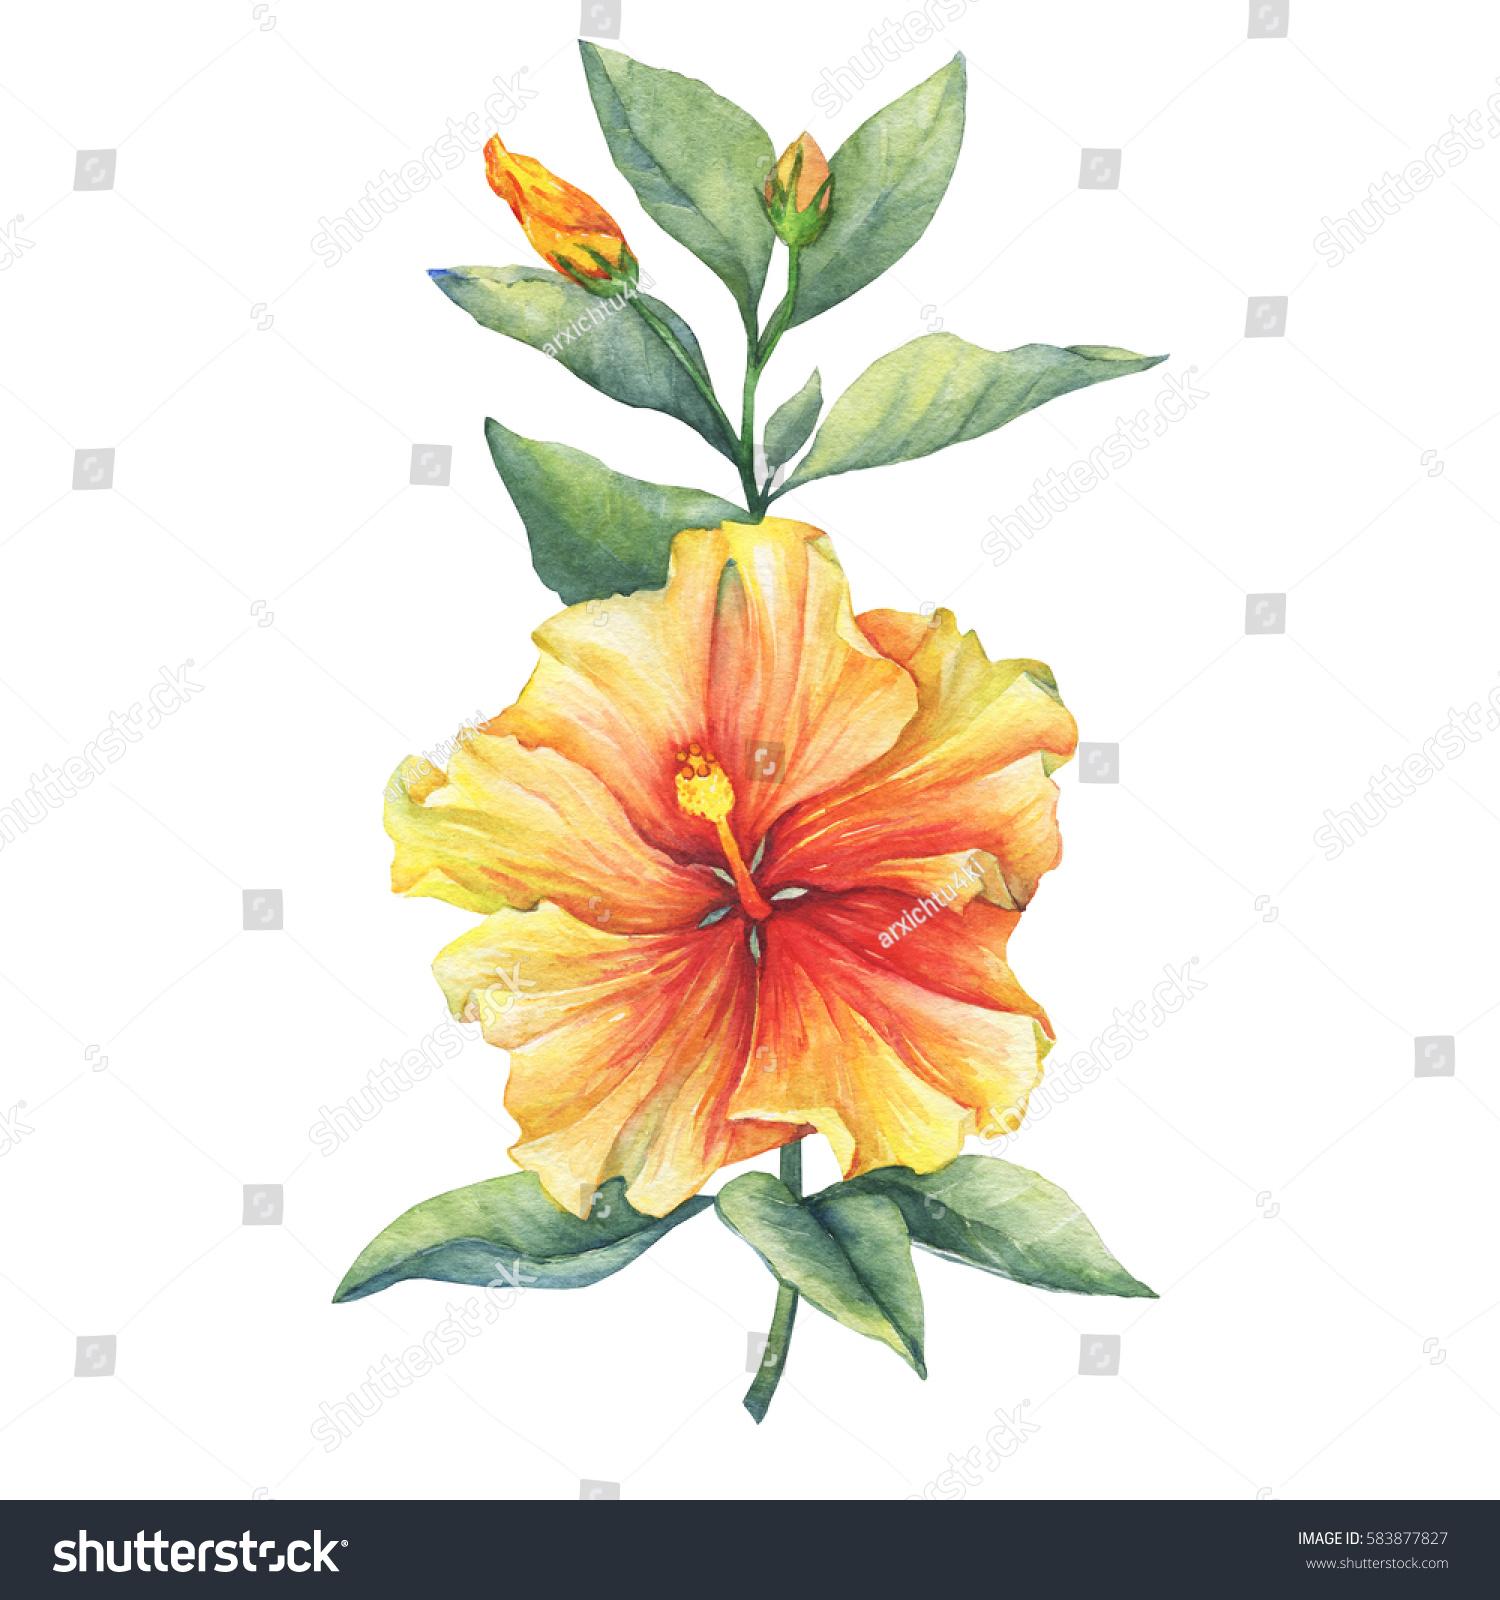 Yellowred hibiscus flower hand drawn watercolor stock illustration yellow red hibiscus flower hand drawn watercolor painting on white background izmirmasajfo